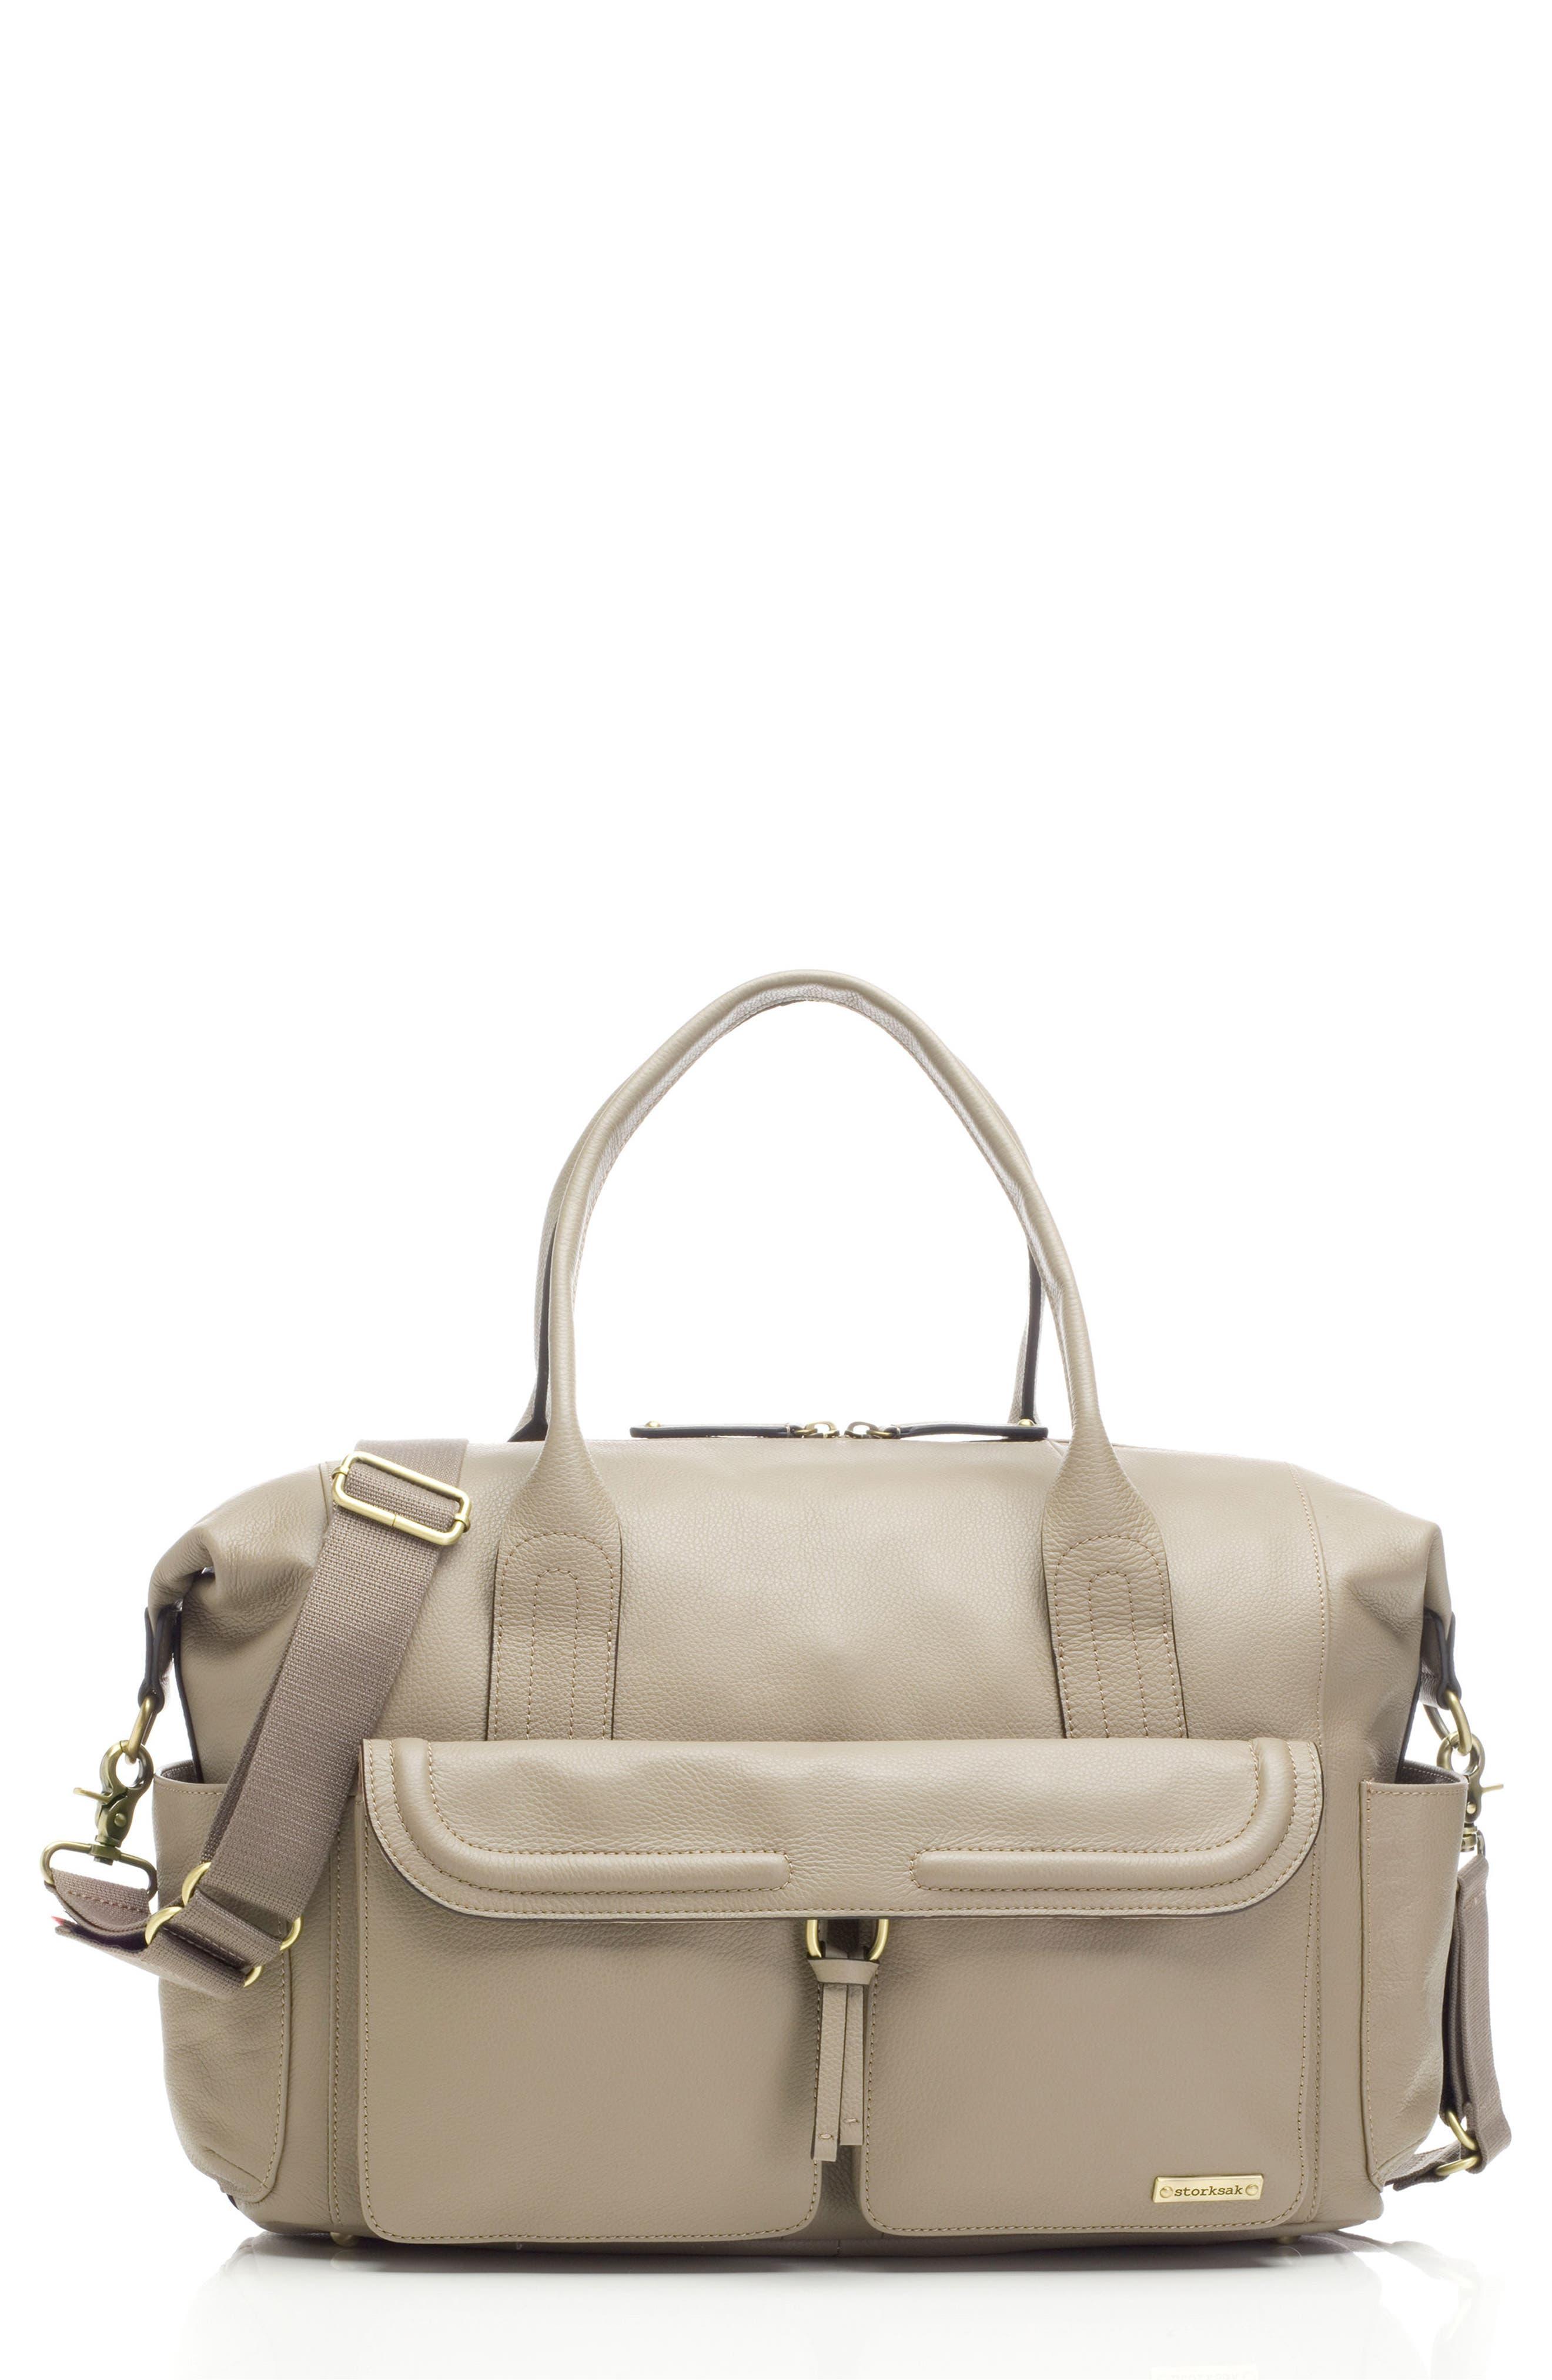 Main Image - Storsak Leather Diaper Bag